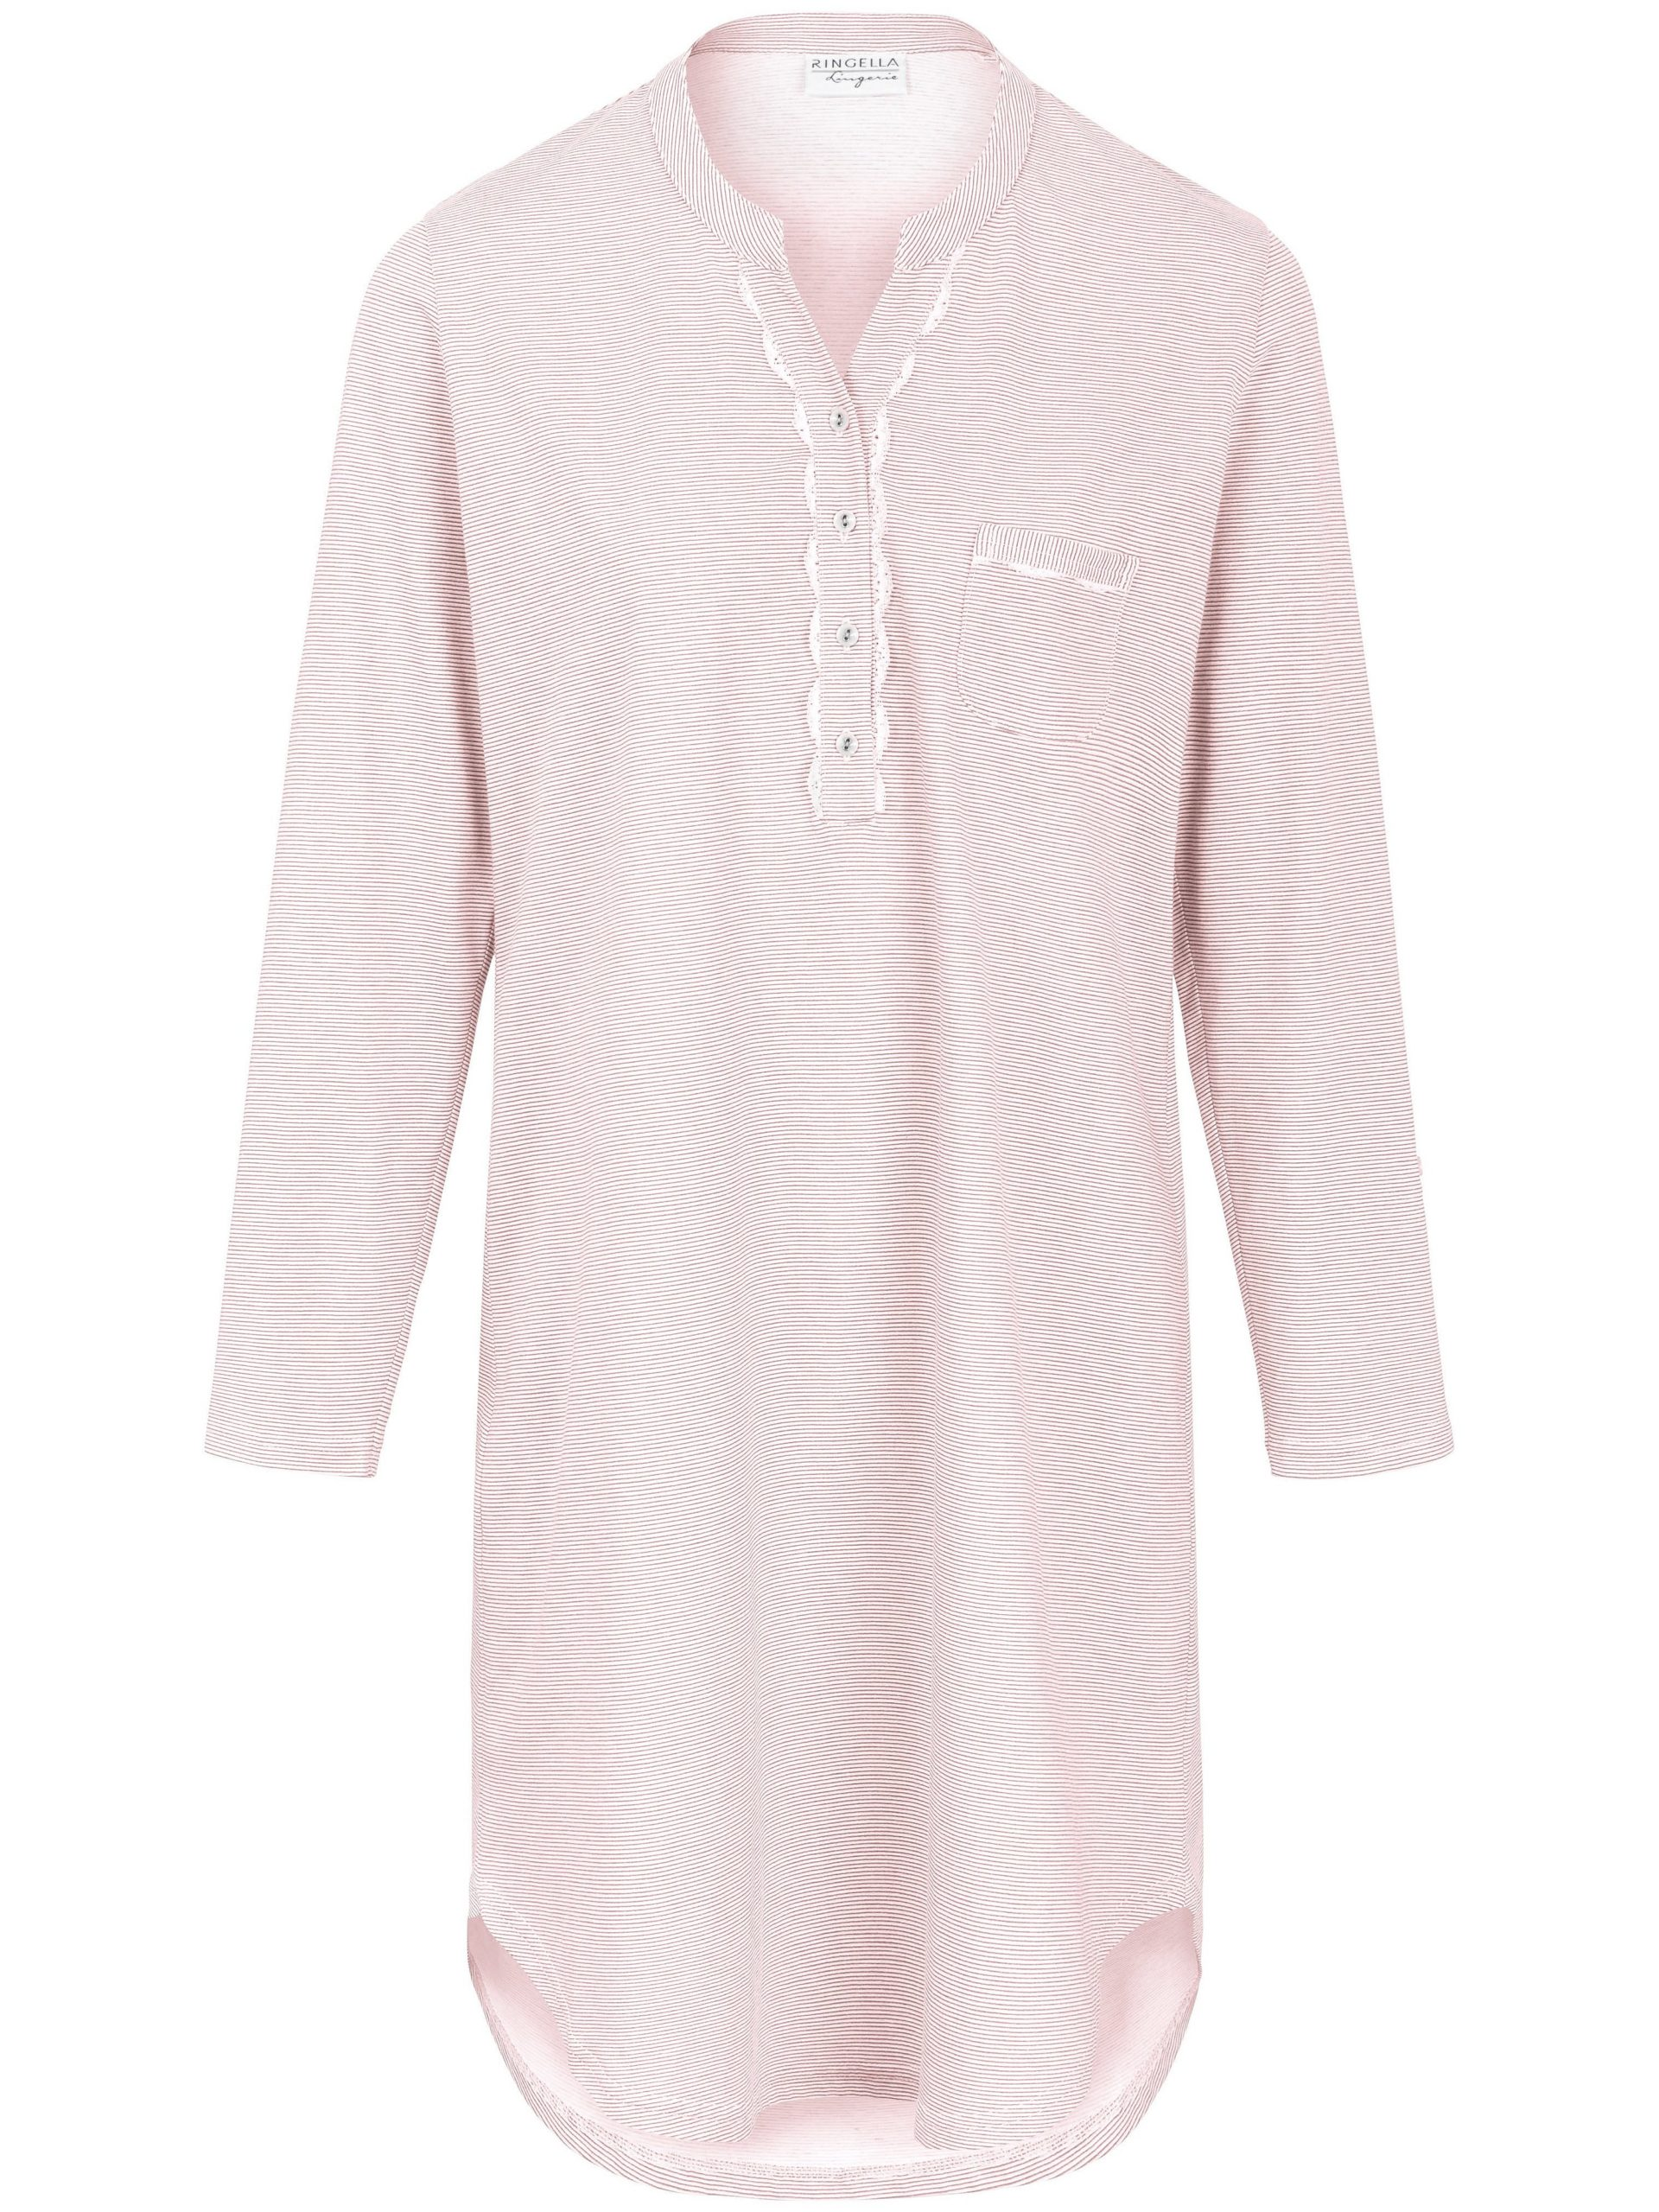 Nachthemd van 100% katoen met lange mouwen Van Ringella lichtroze Kopen